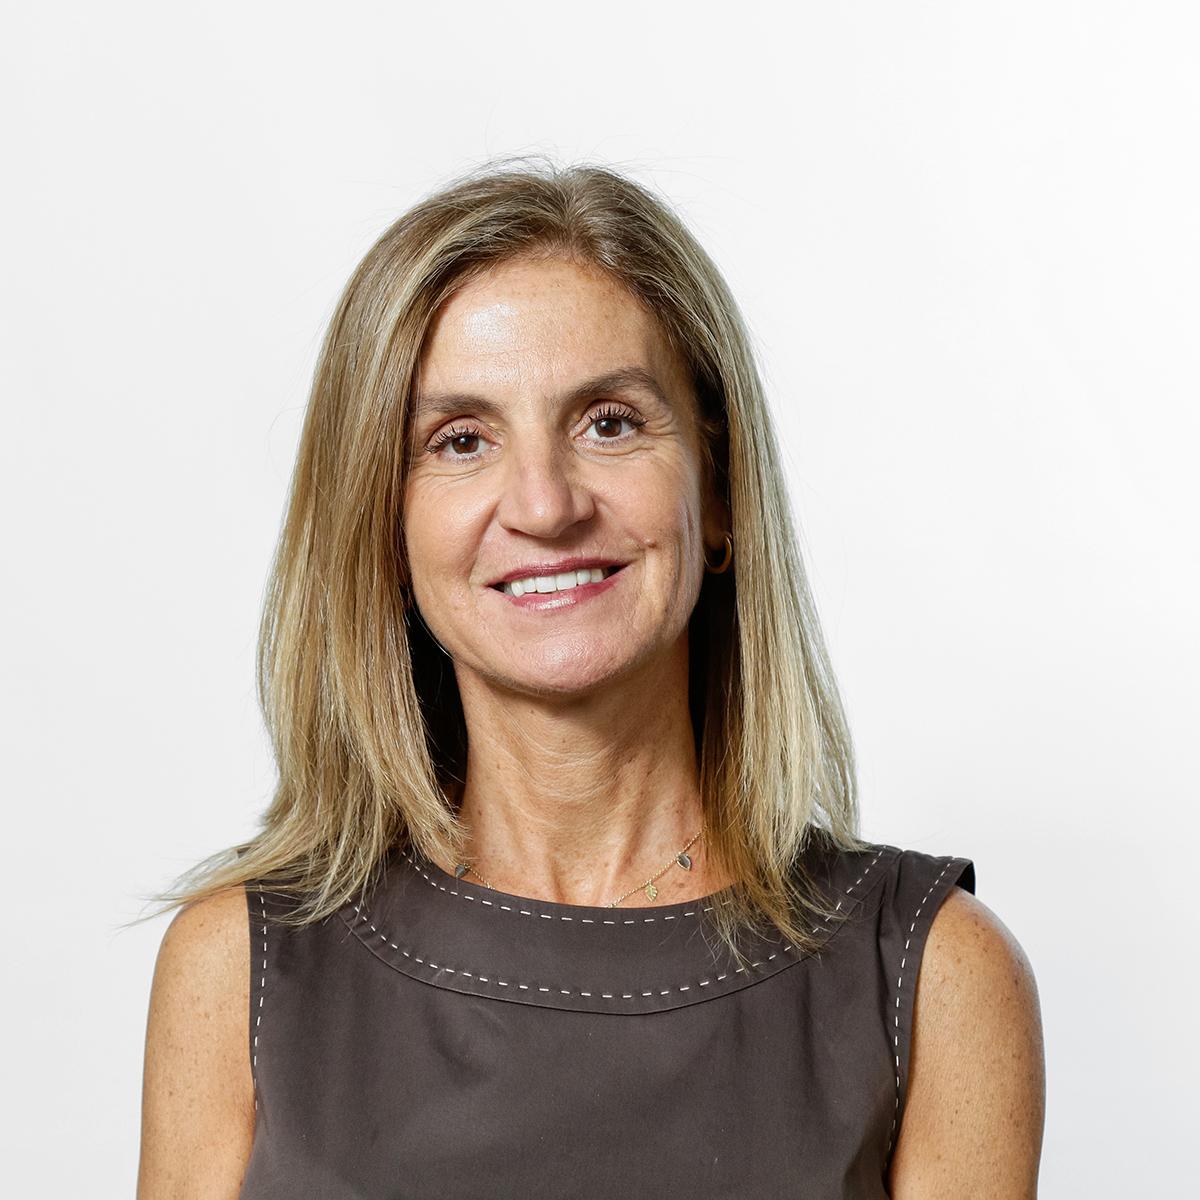 Ana Paula Belo